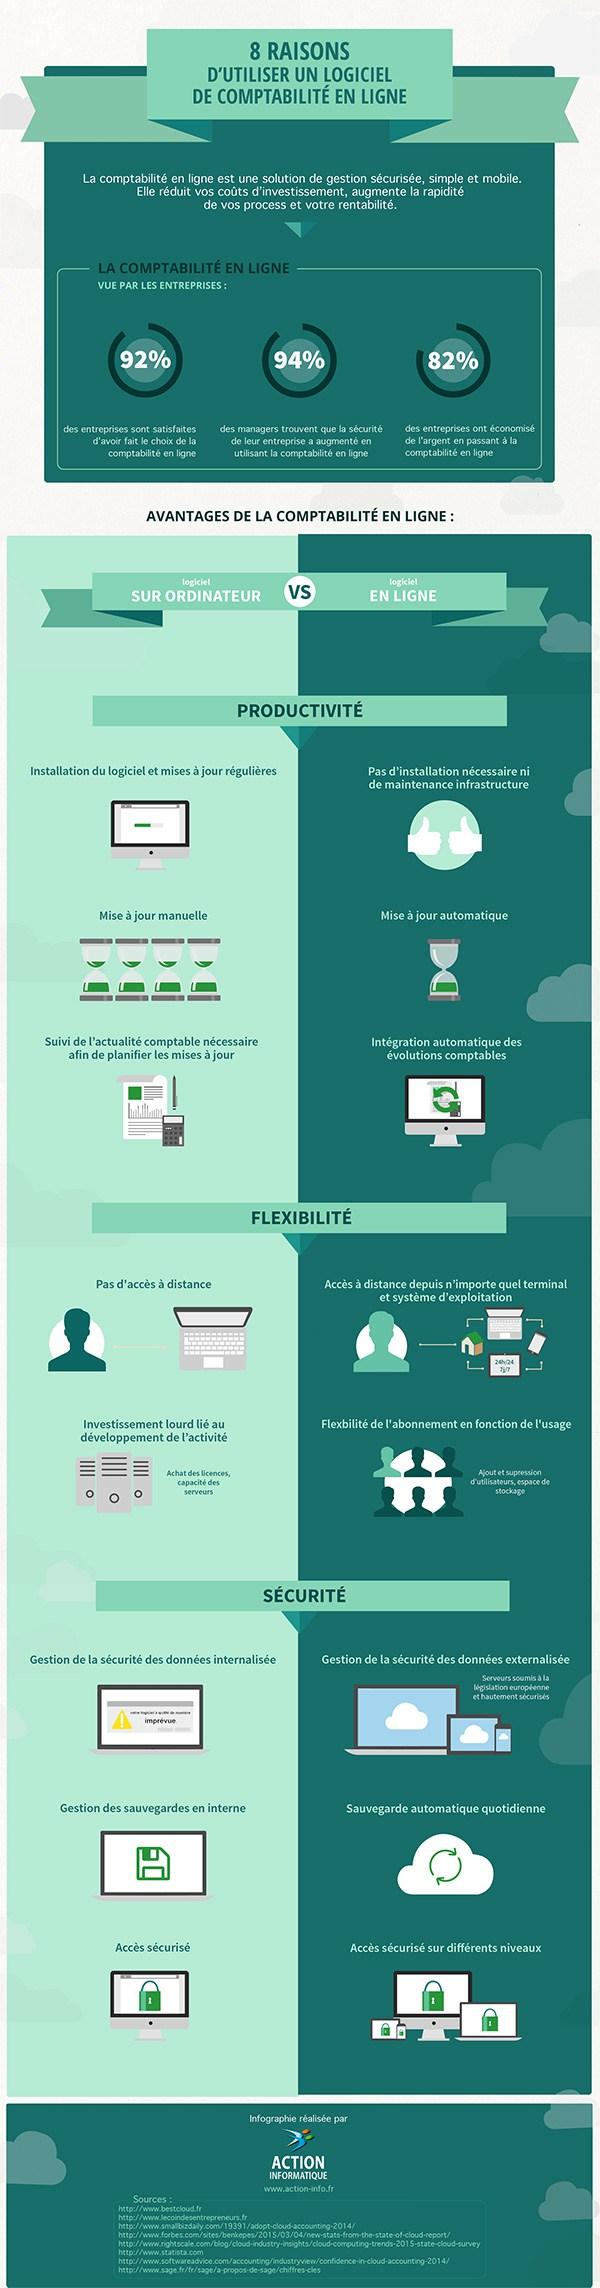 Logiciel comptabilité en ligne infographie